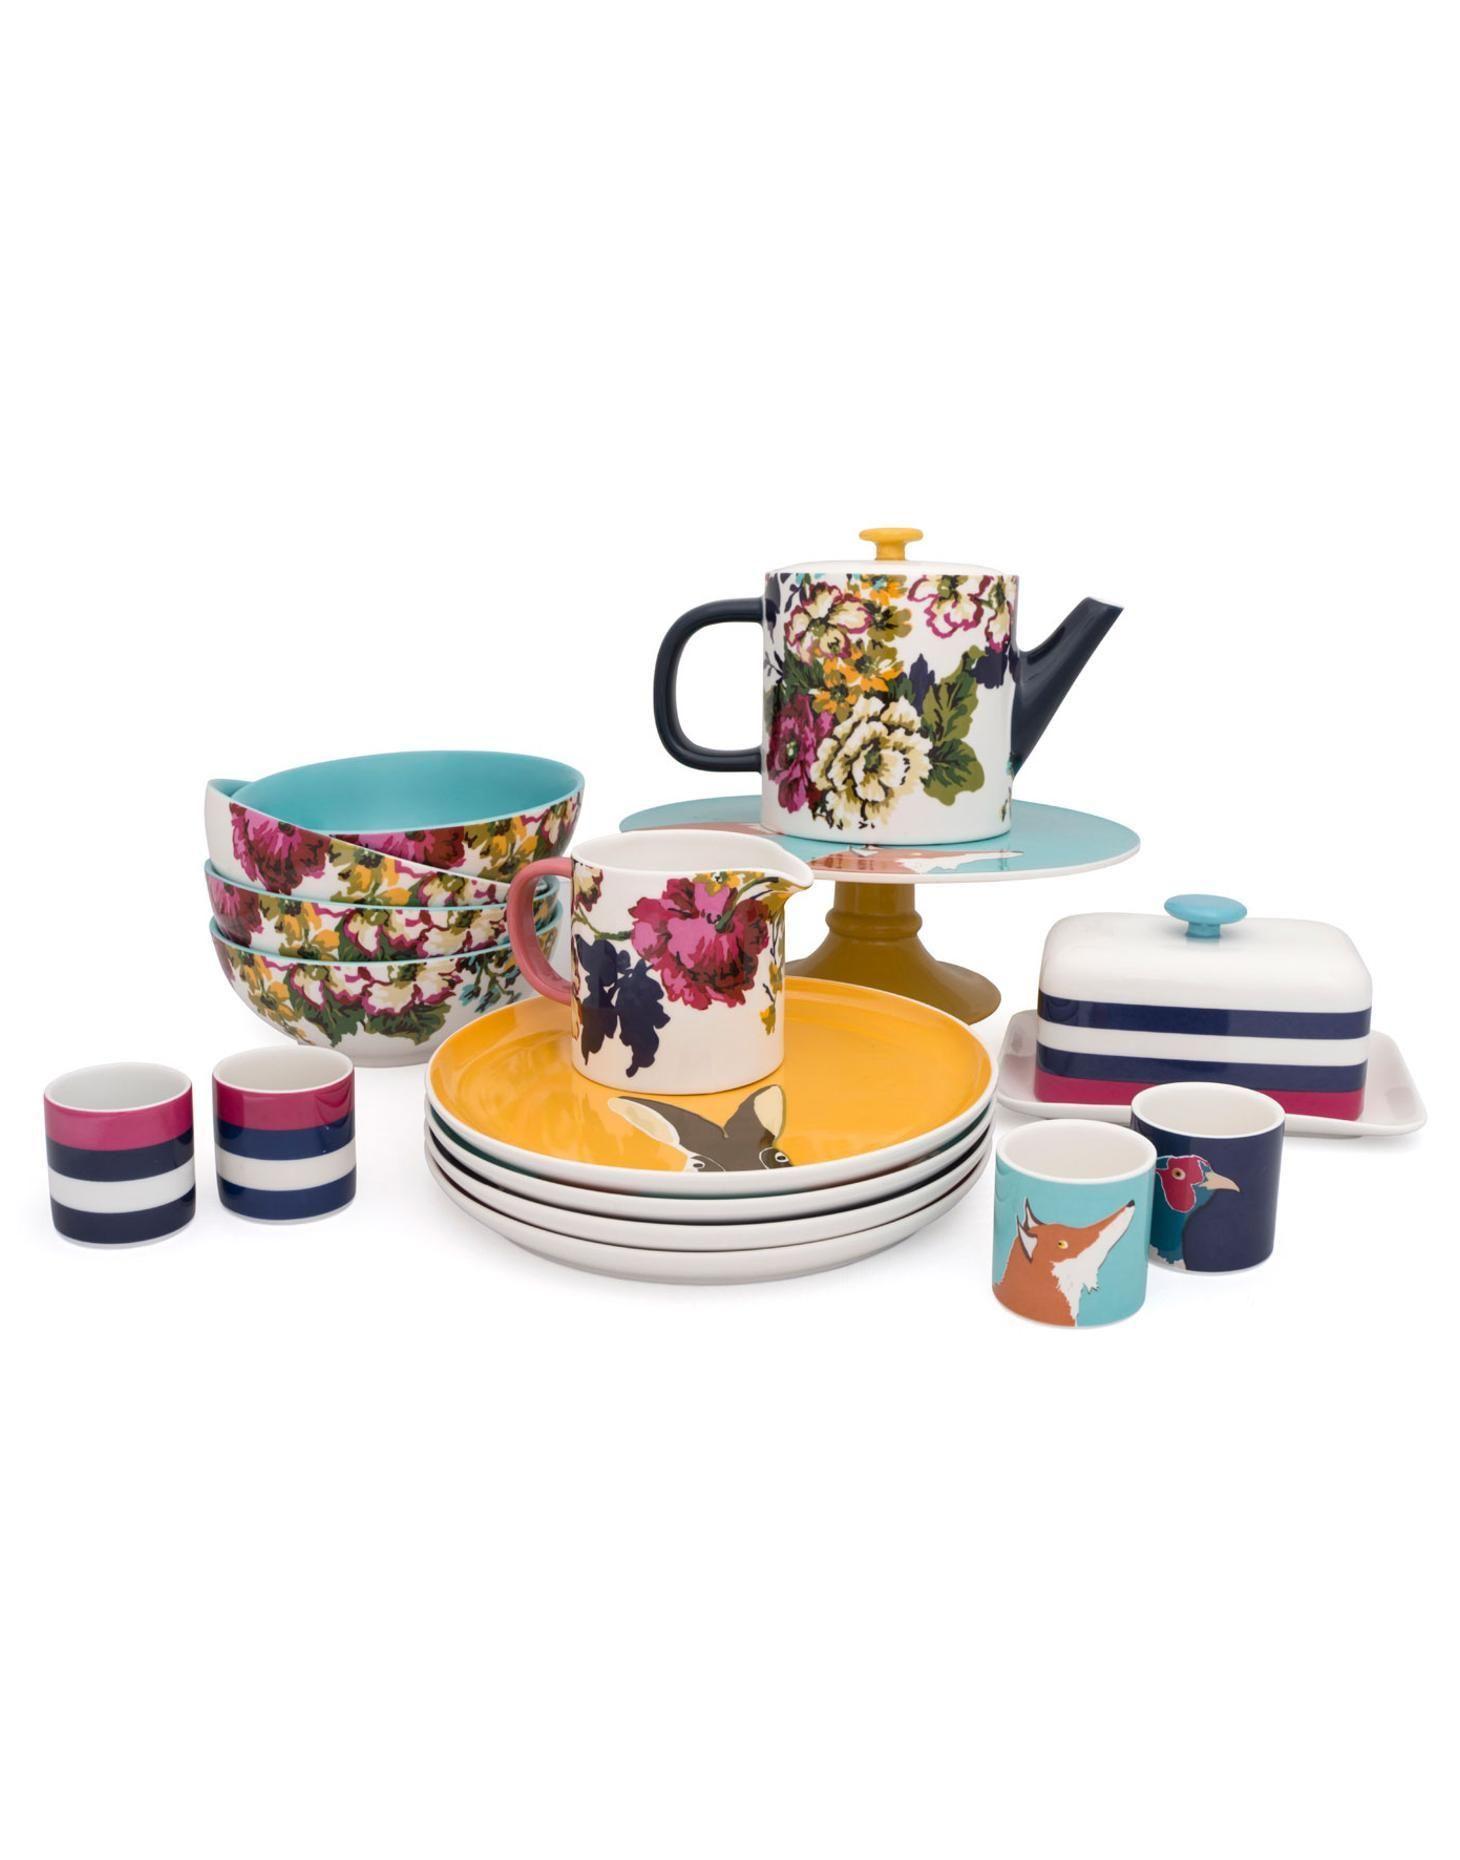 Tea Set Crockery Joules Tableware